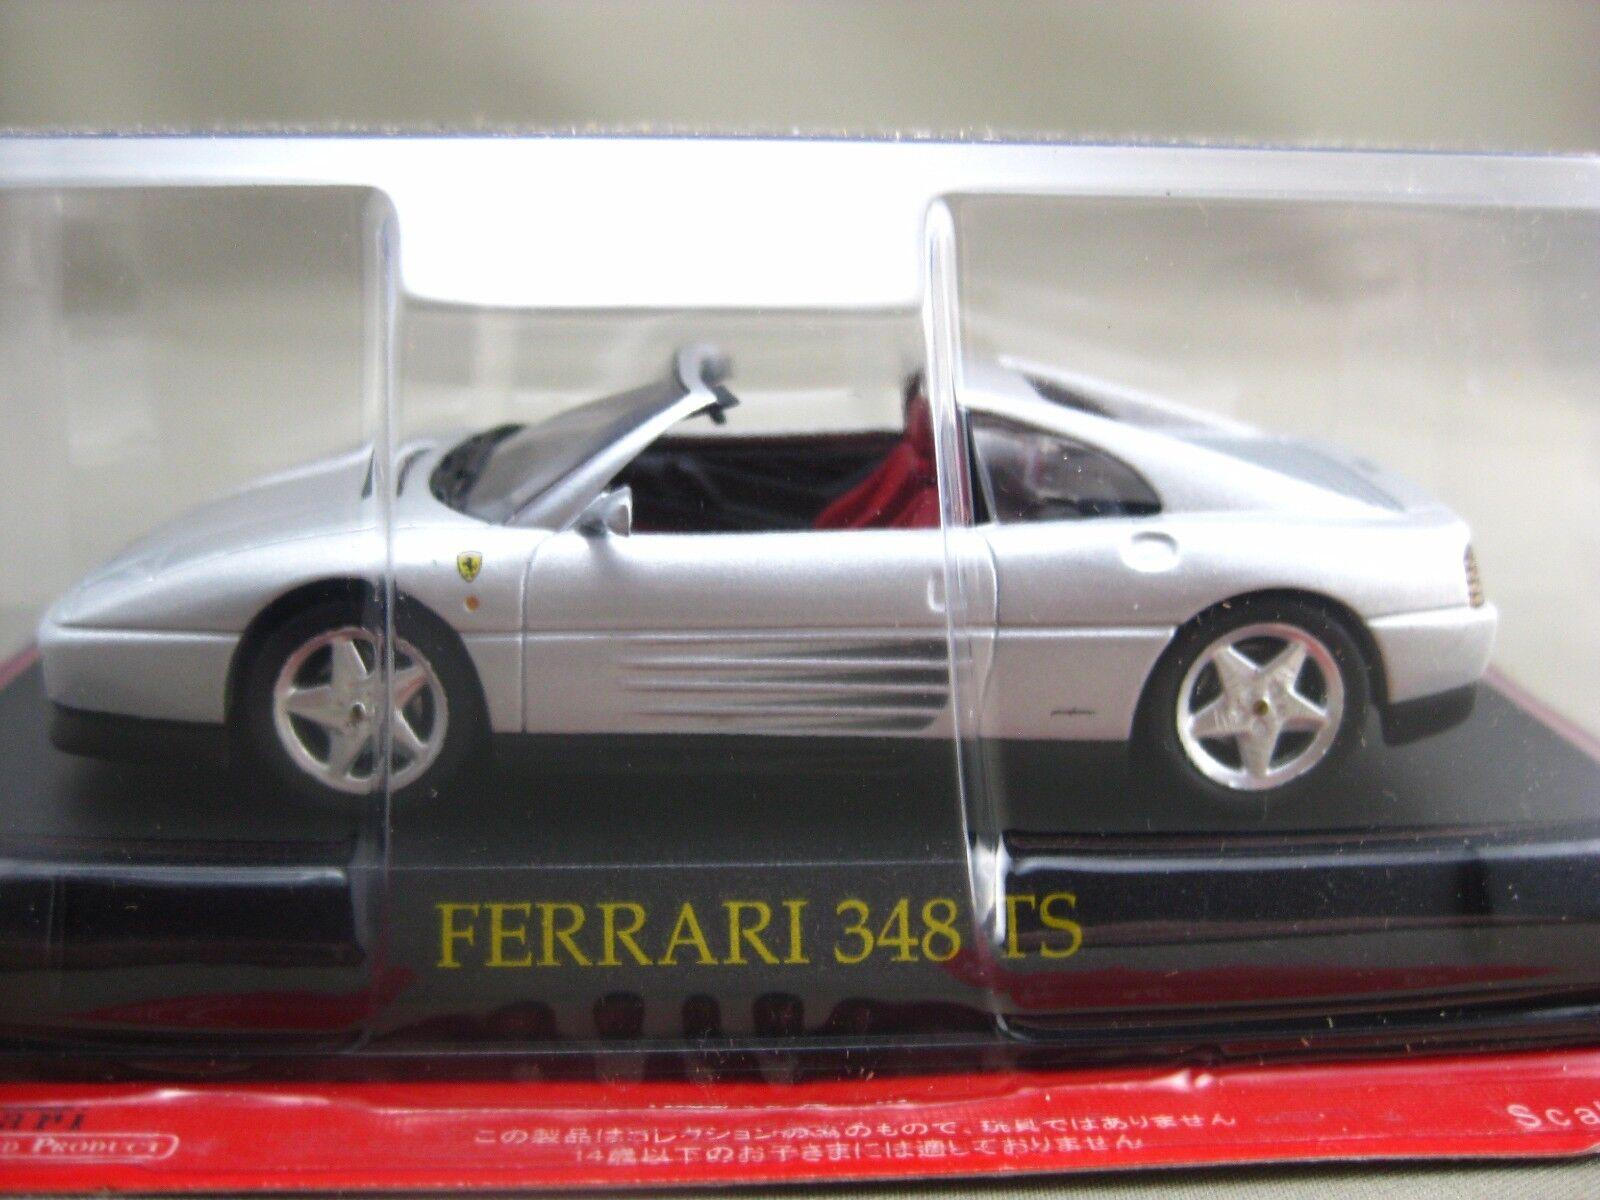 Ferrari 348 TS hachette 1 43 Diecast voiture  Vol.33  au prix le plus bas